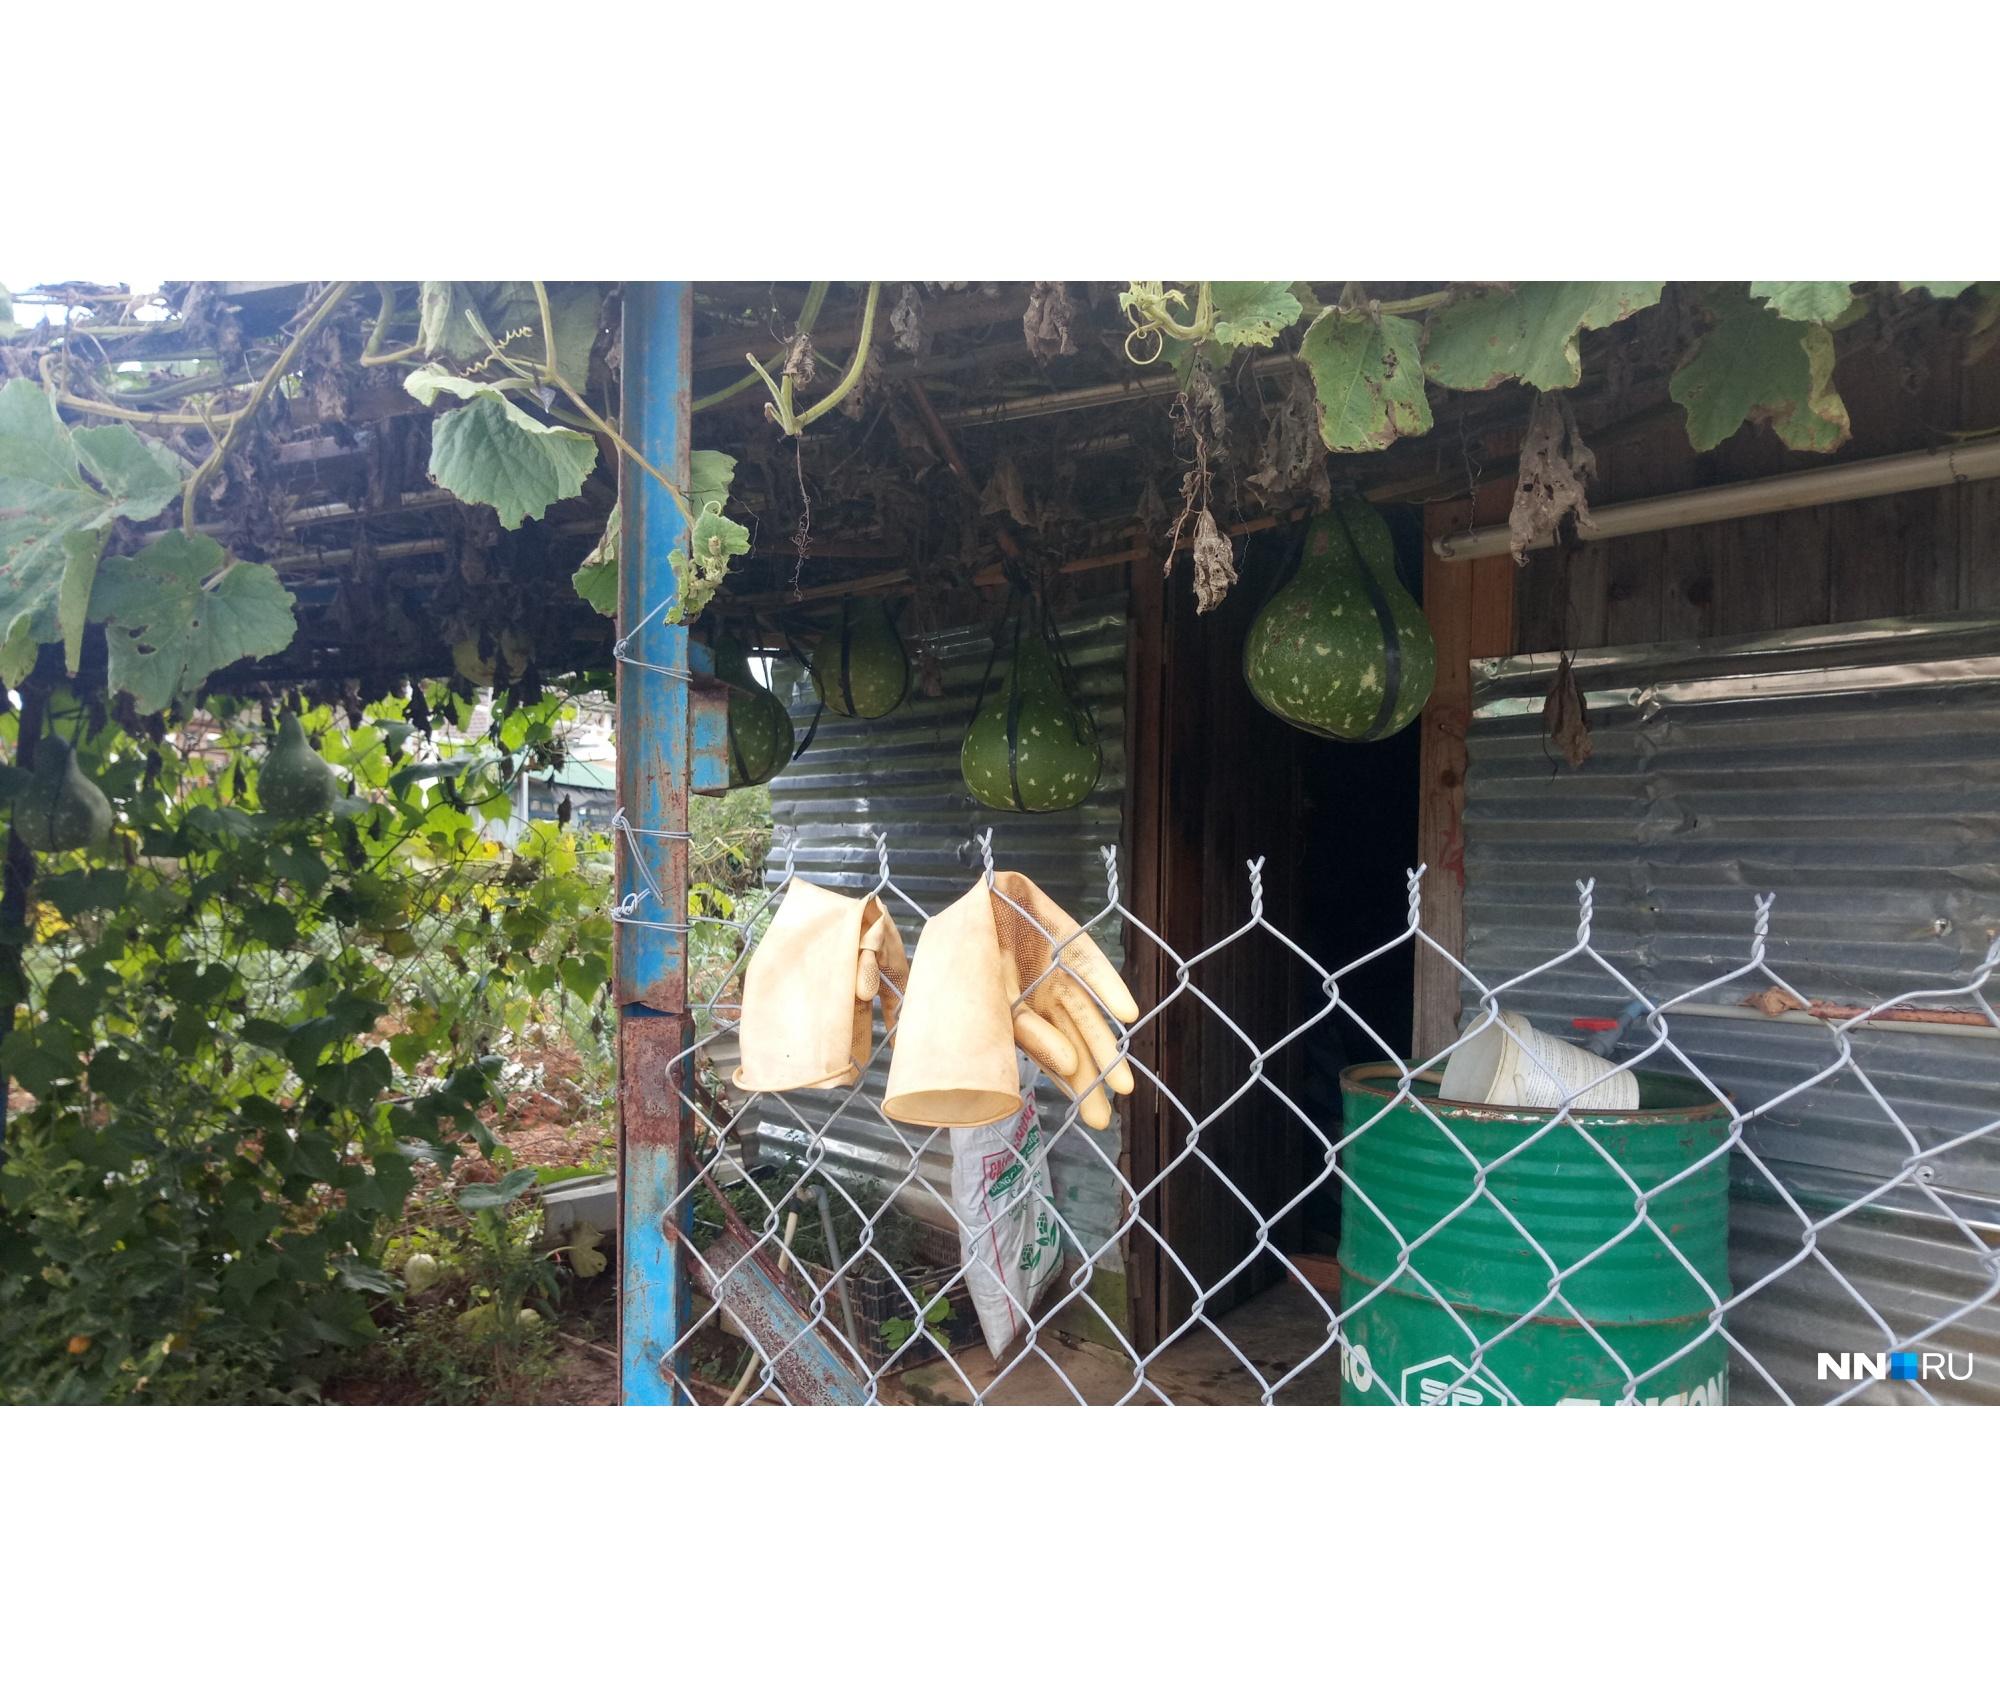 Из этих плодов вьетнамцы делают сосуды для воды<br>